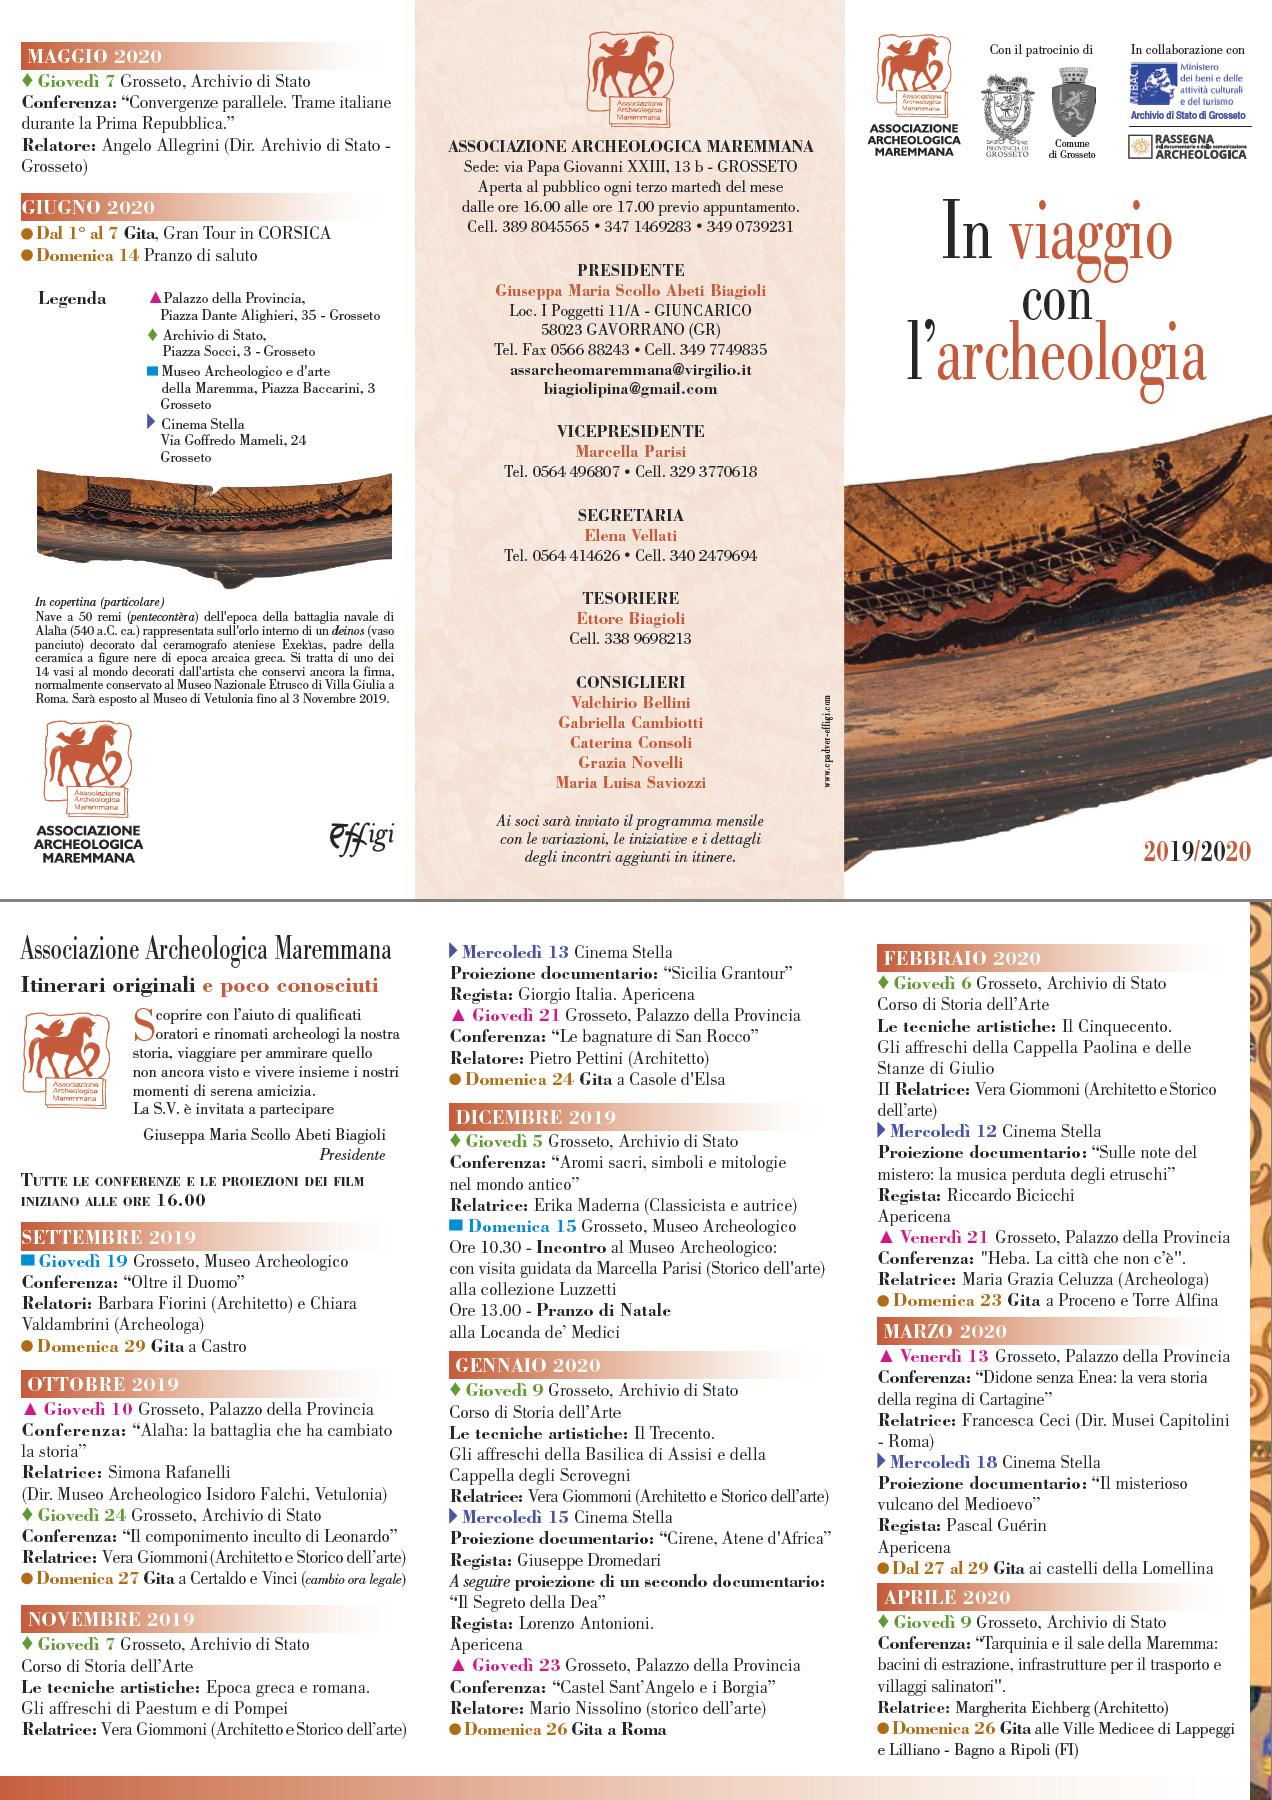 in-viaggio-con-archeologia-2019-2020